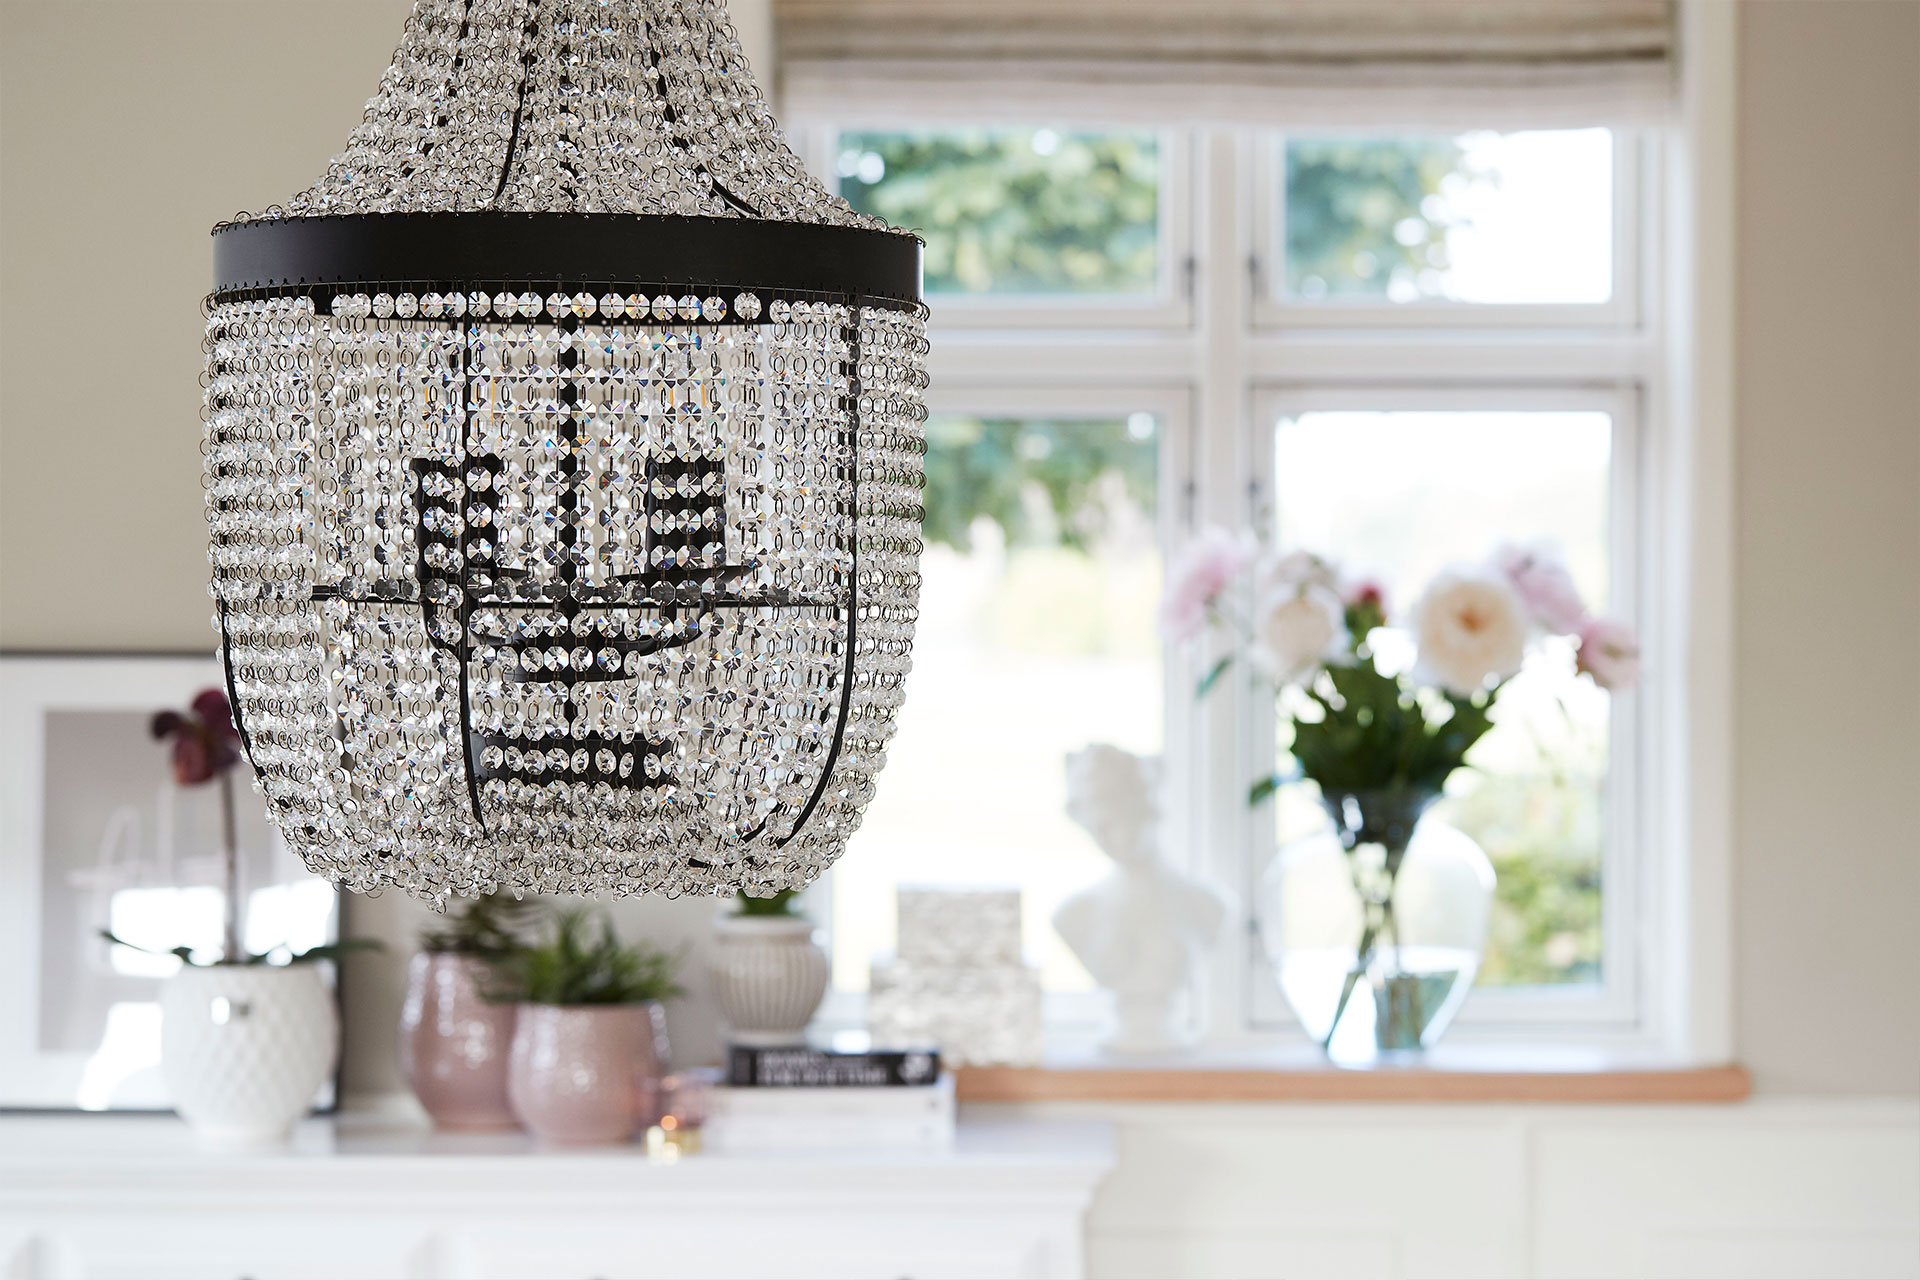 Elegant chandeliers from Scandinavian wholesaler - Lene Bjerre